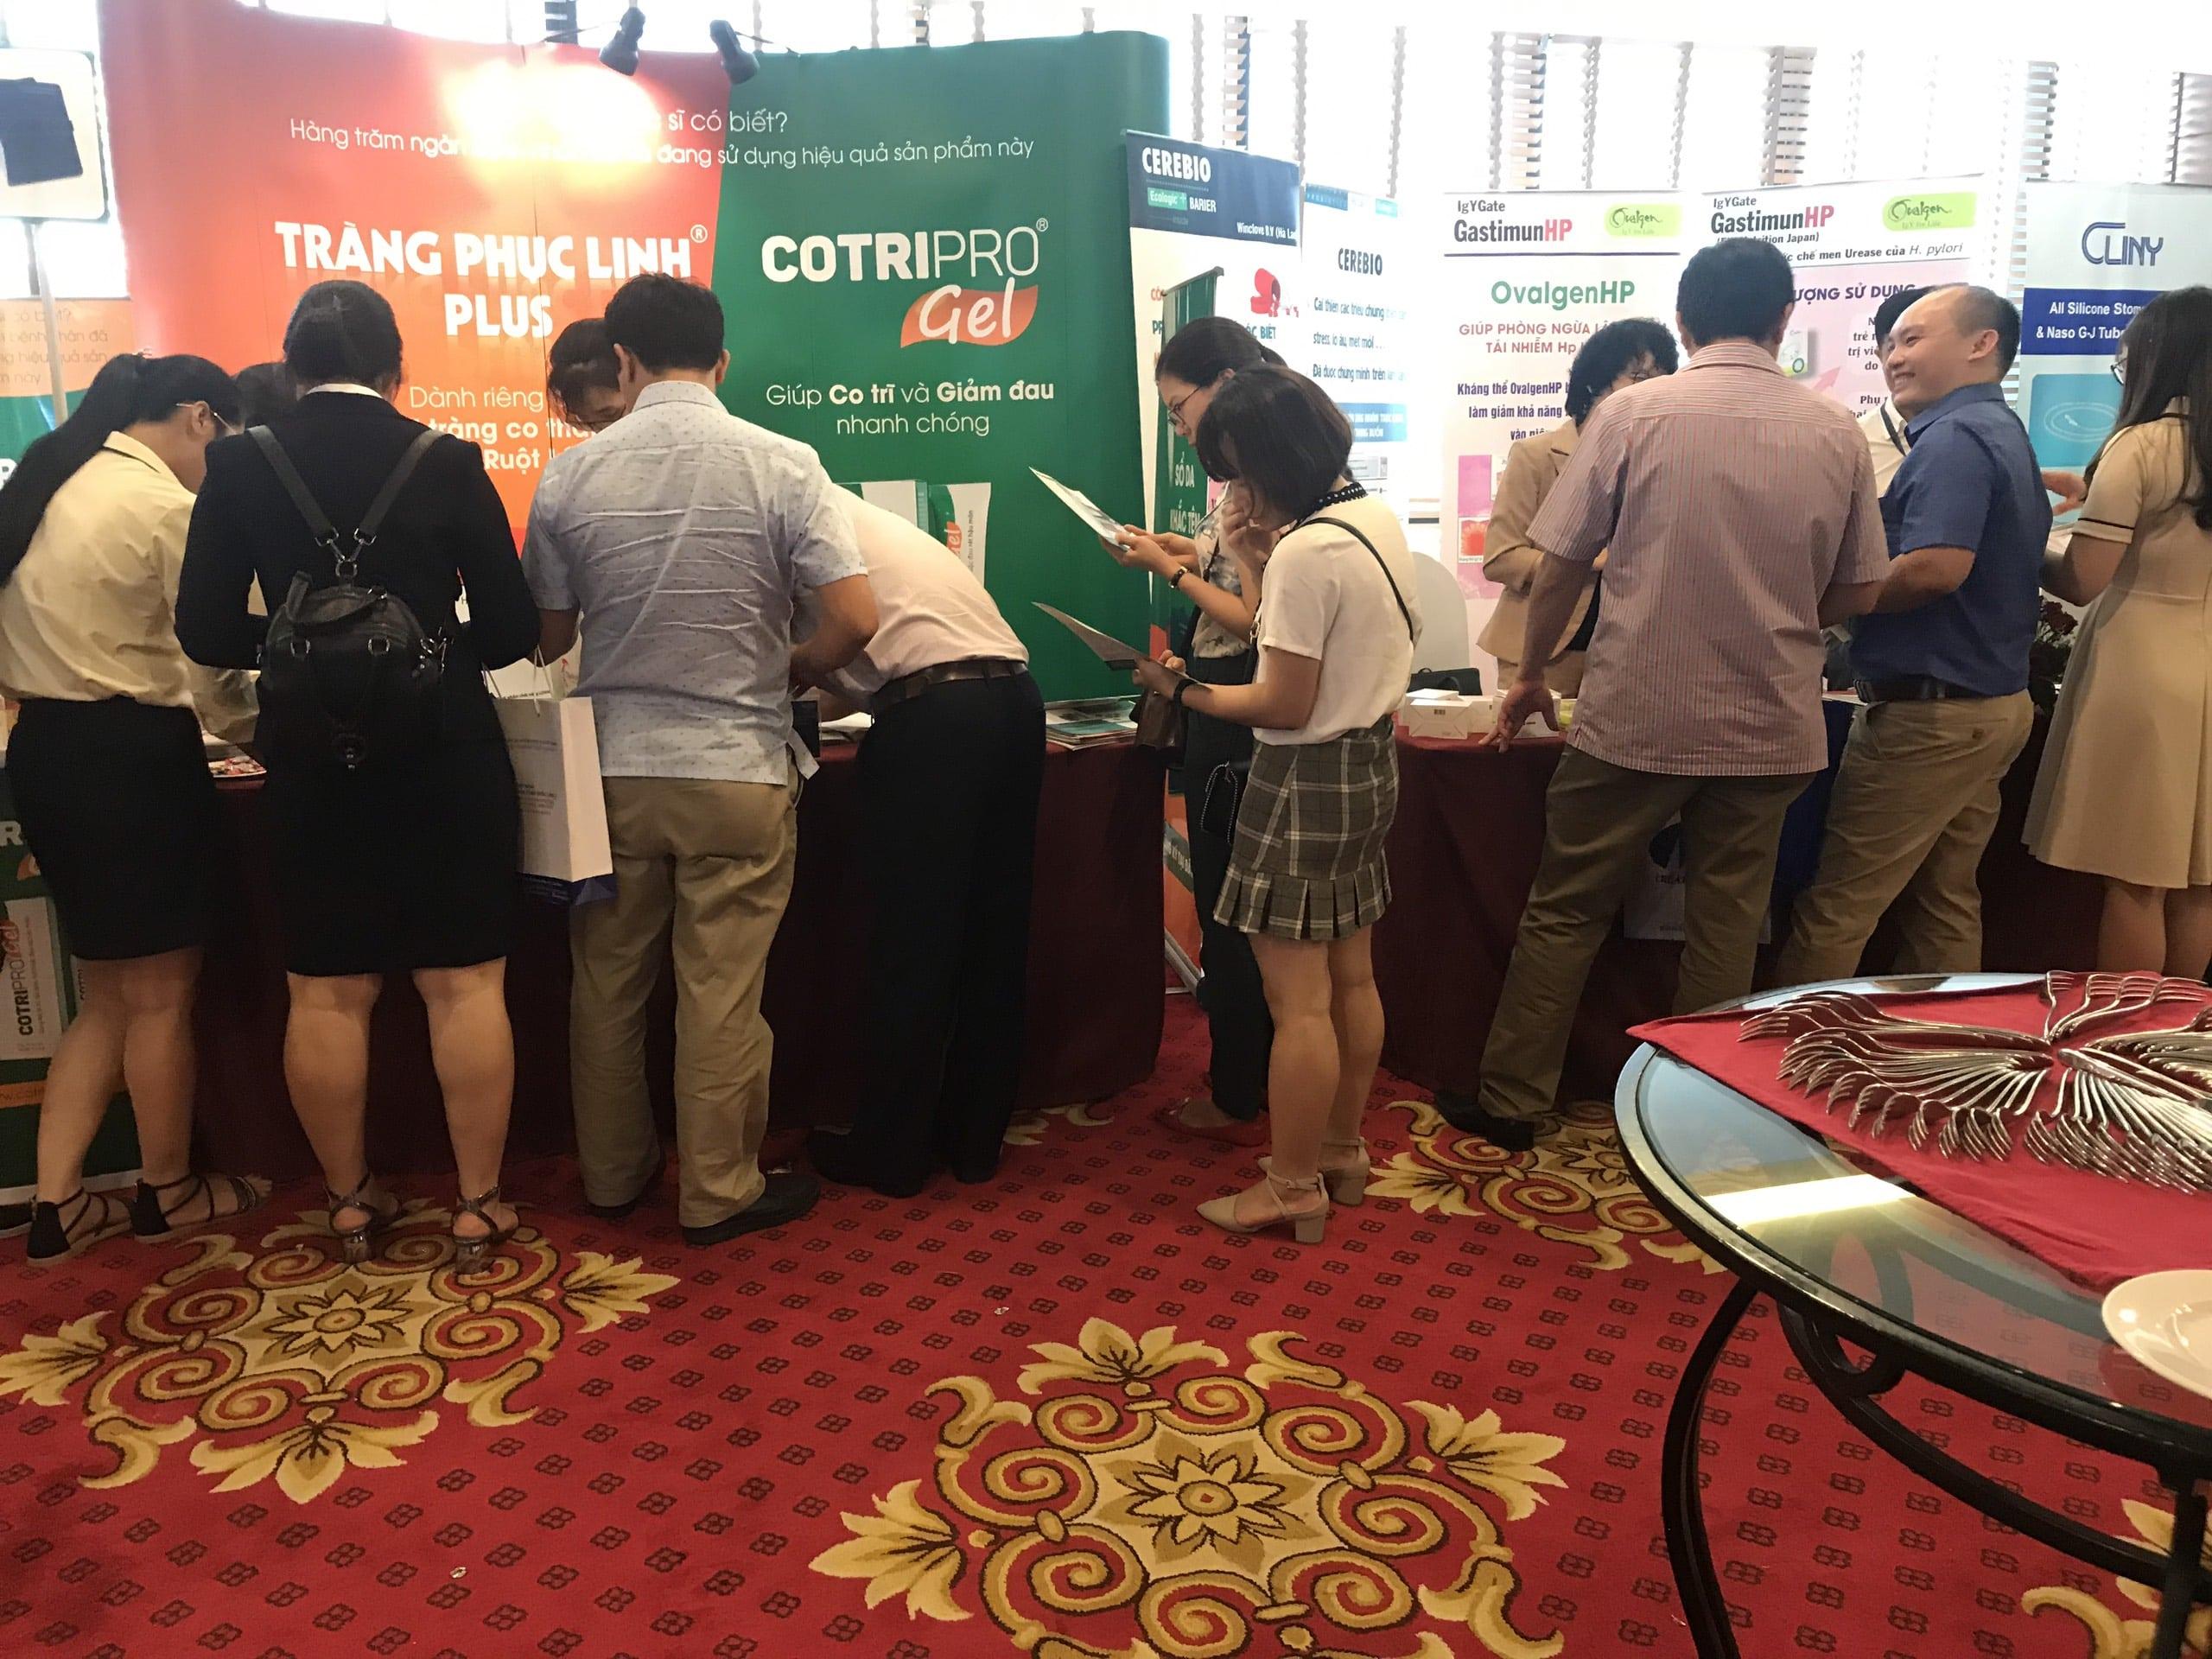 Cotripro đồng hành cùng  Hội nghị Nội soi Tiêu hóa Toàn quốc lần thứ 4 3